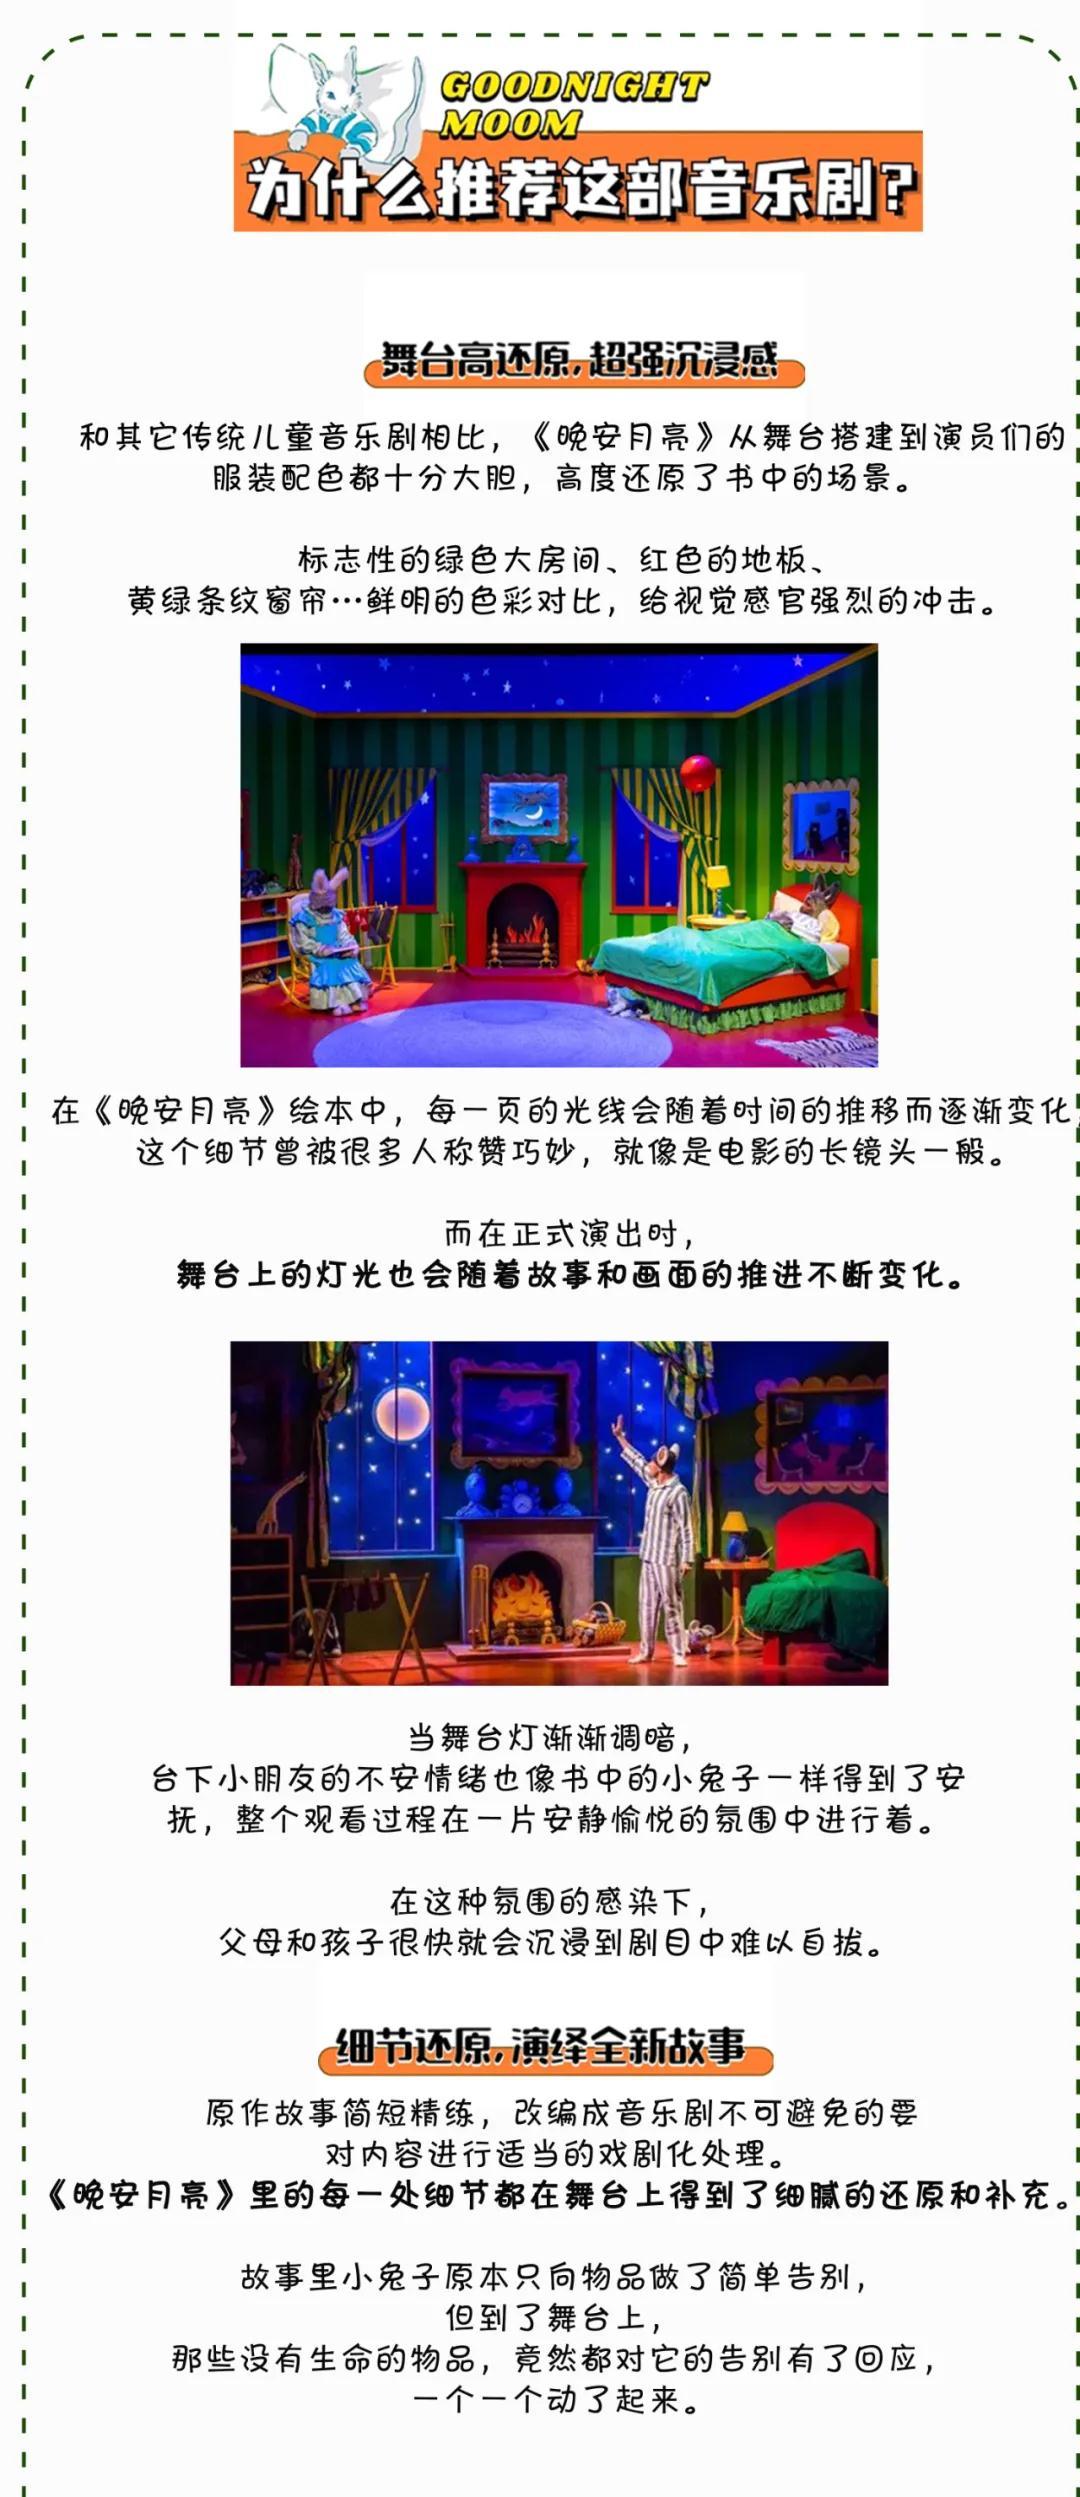 2021绘本音乐剧《晚安月亮》之好梦|满满的温暖-上海站